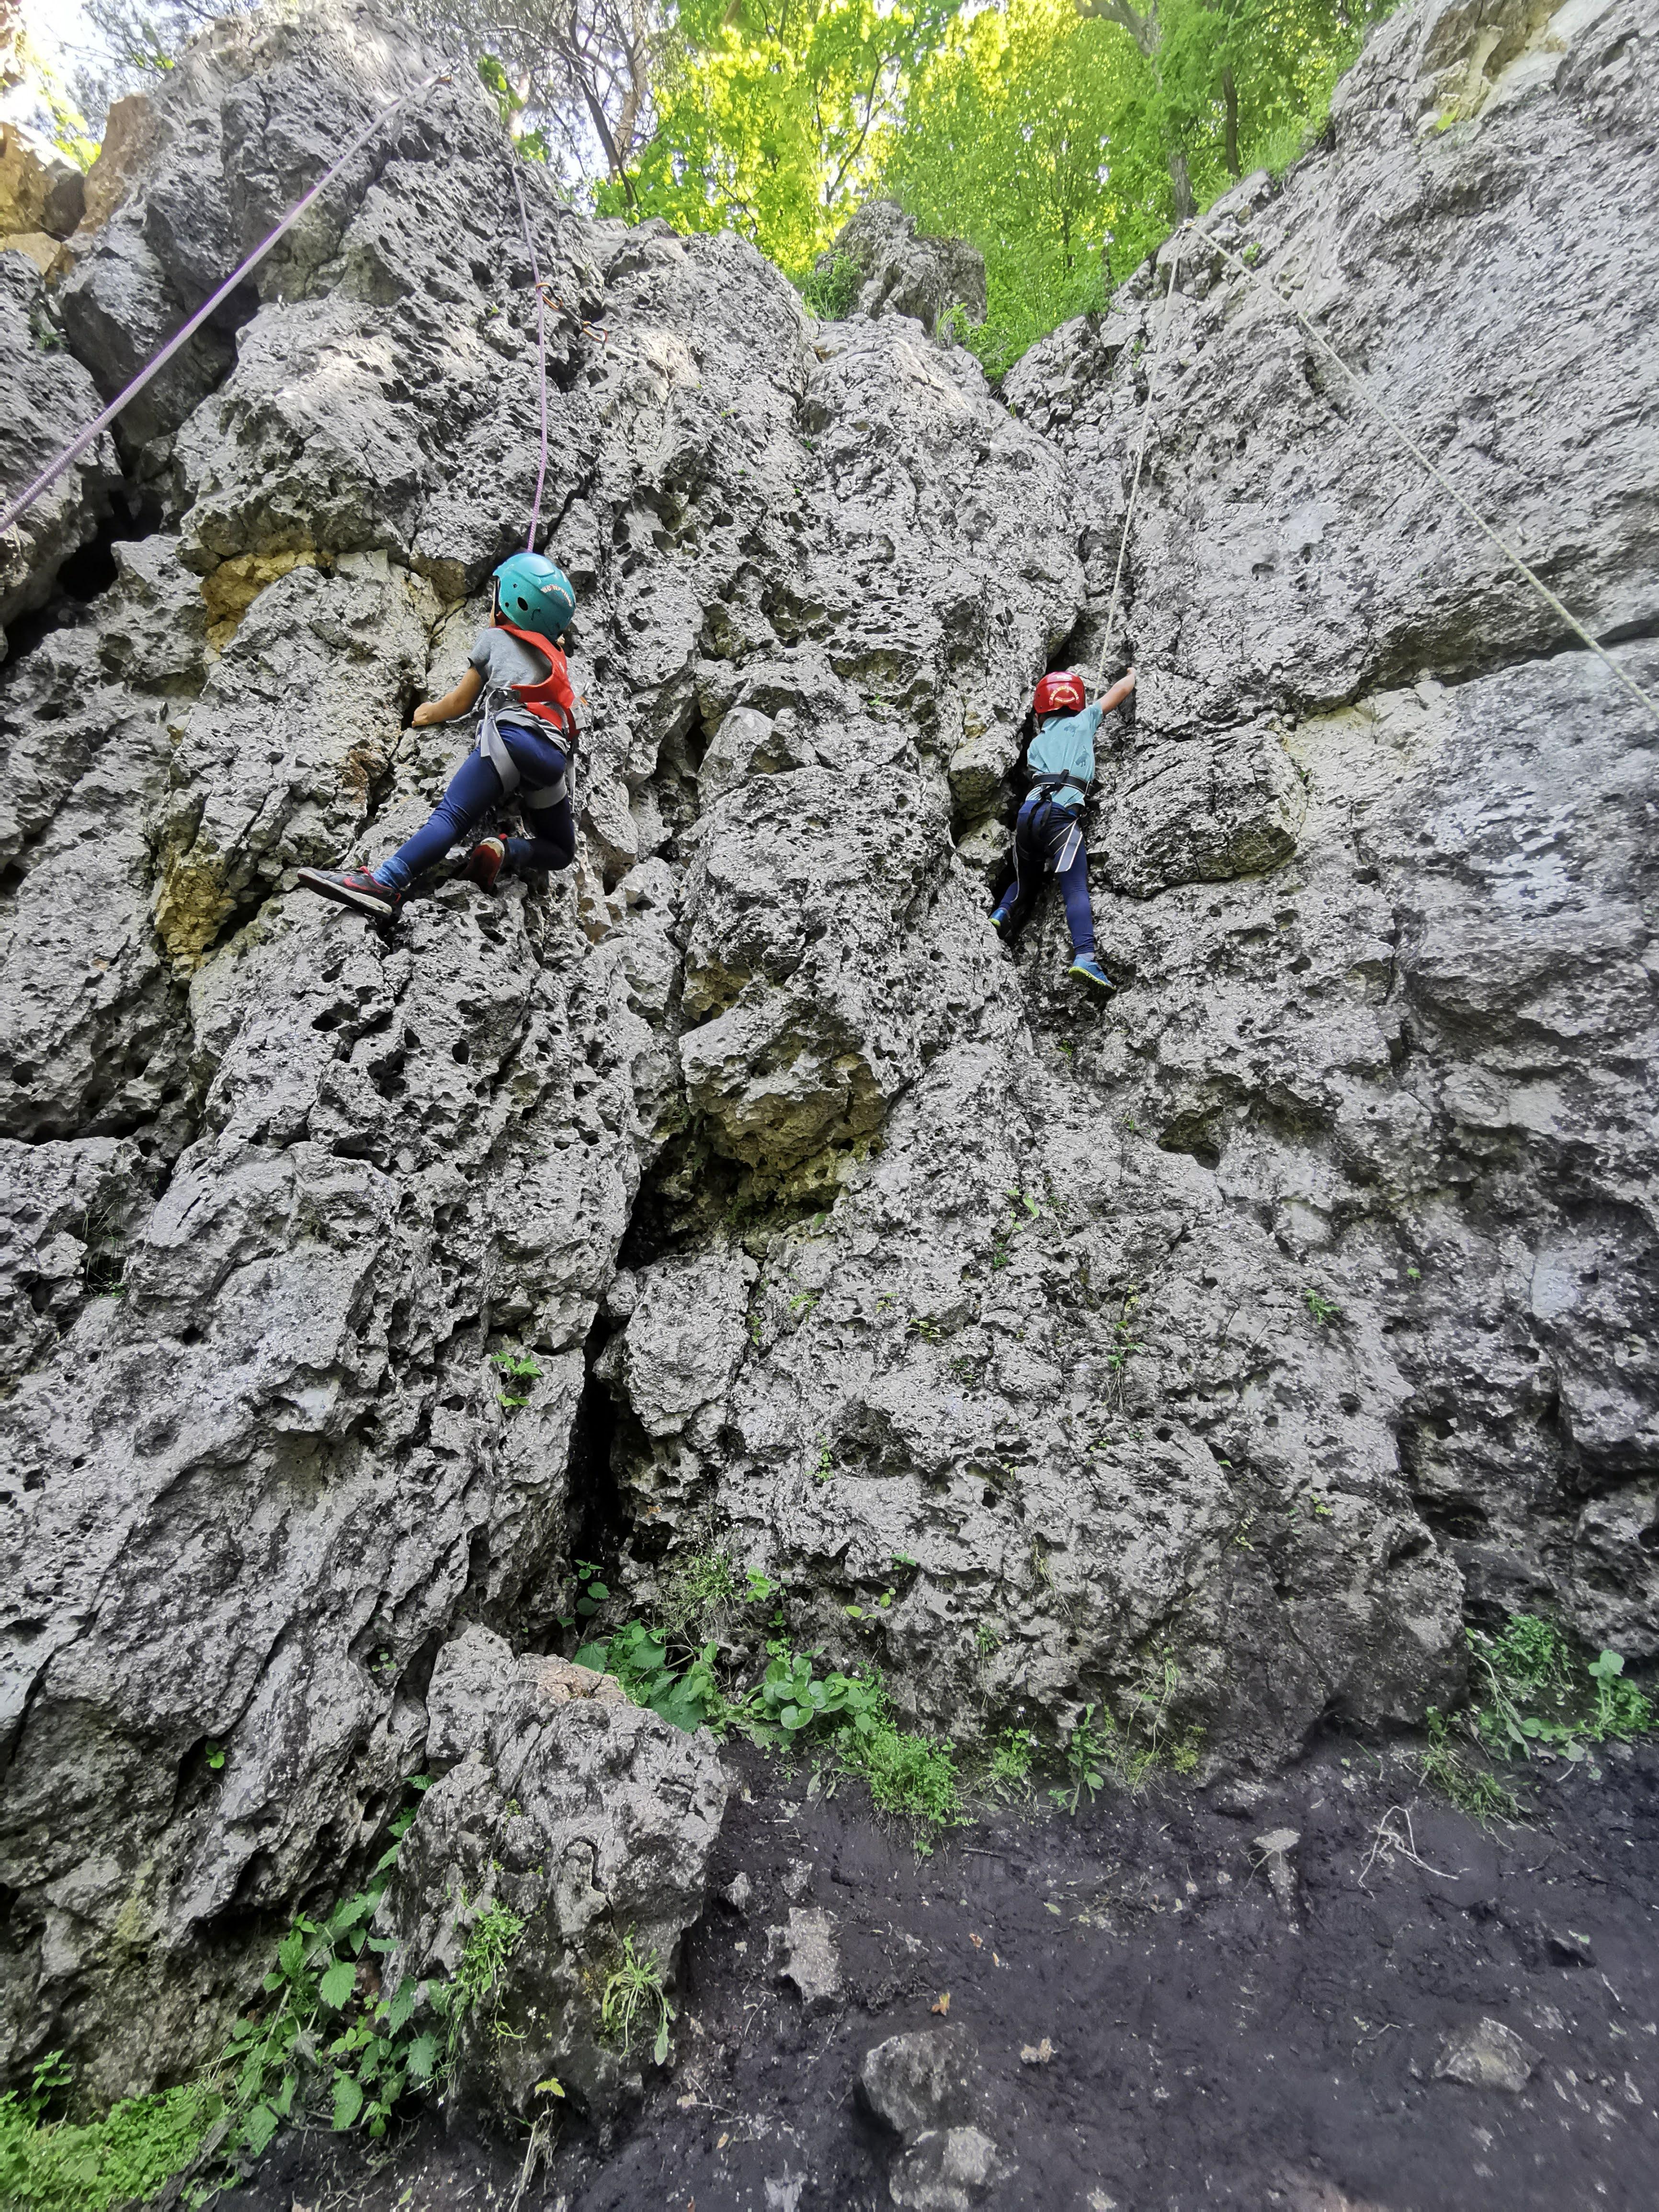 wspinaczka skałkowa dla dzieci Ohana